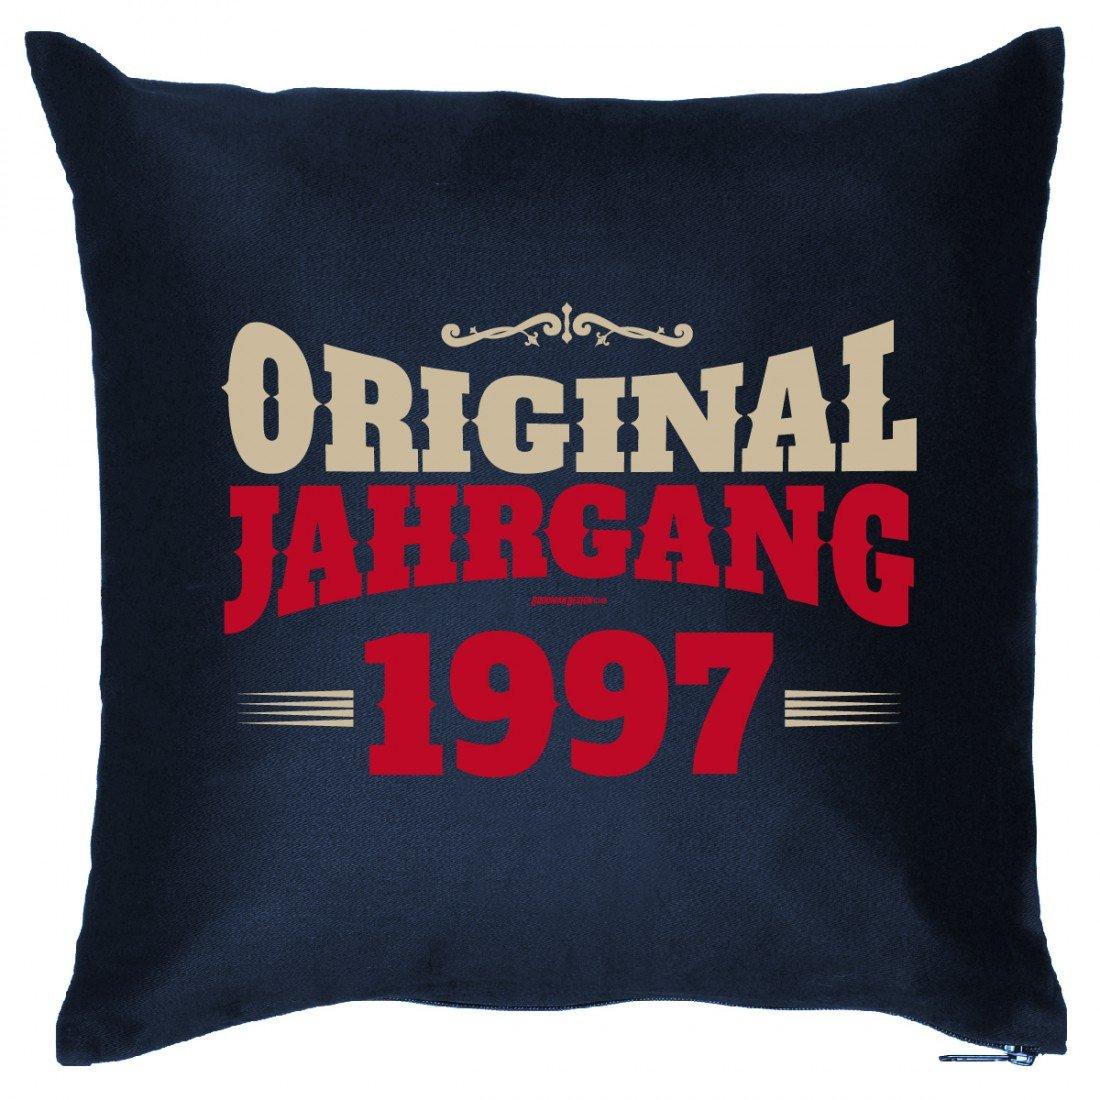 Couch Kissen mit Jahrgang zum Geburtstag - Original Jahrgang 1997 - Sofakissen Wendekissen mit Spruch und Humor